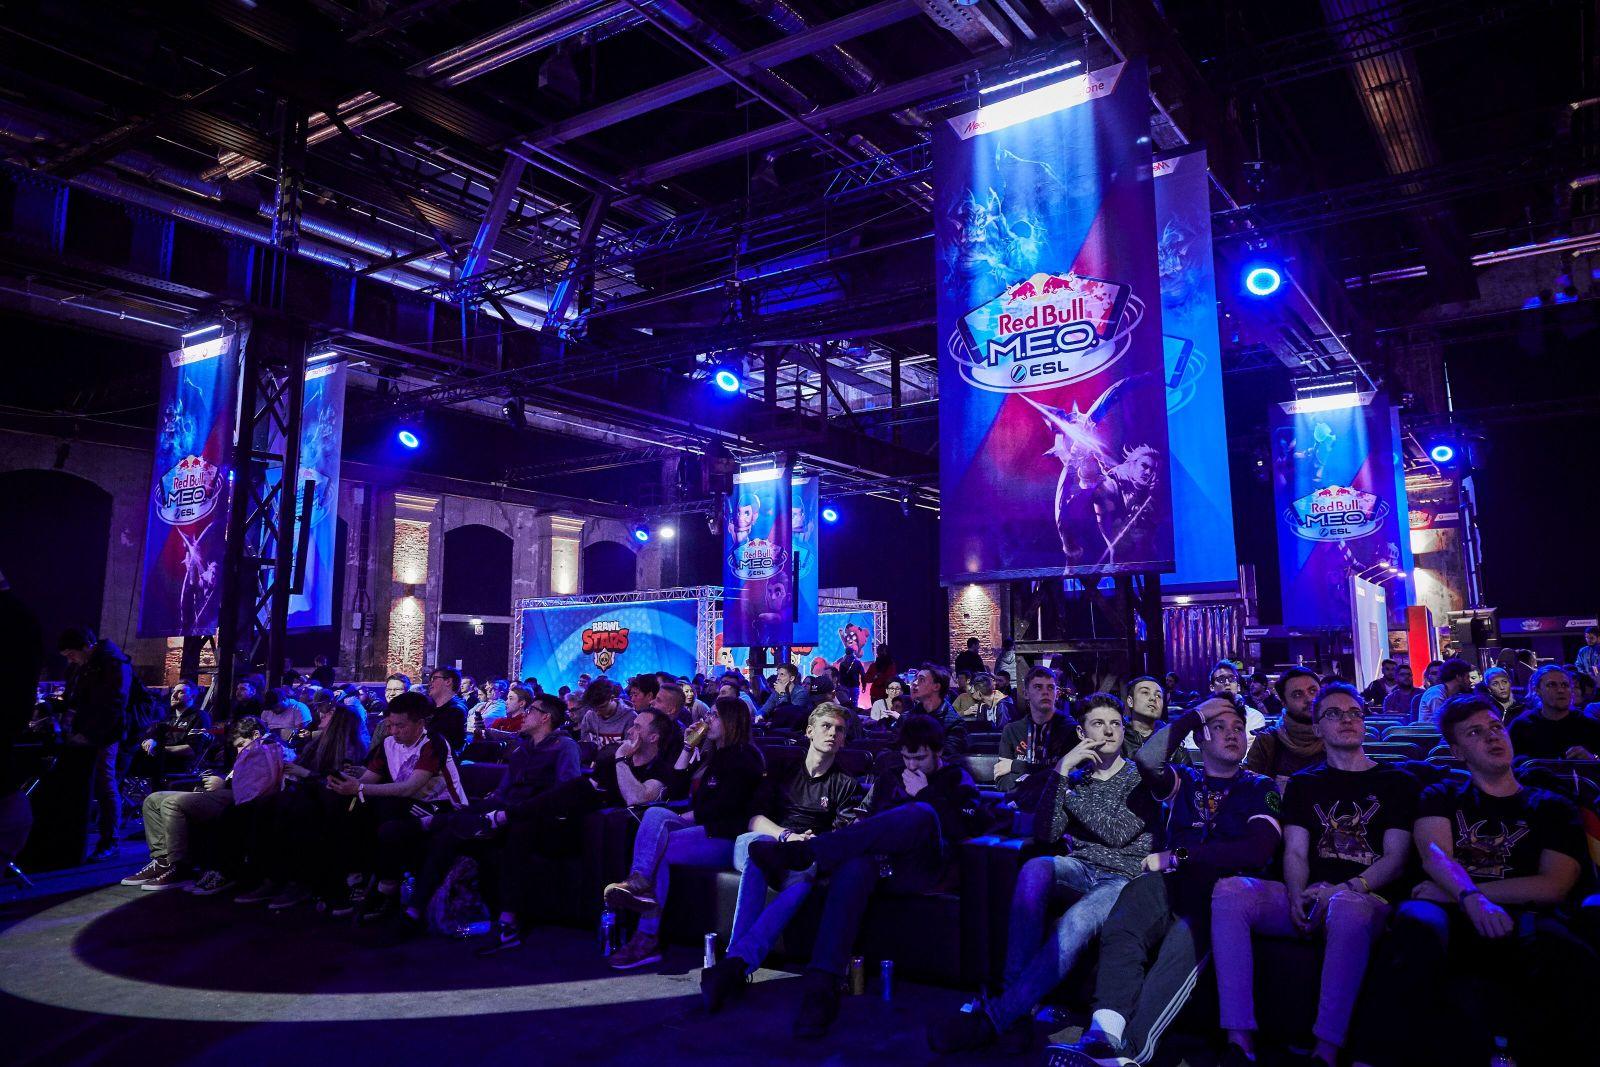 Red Bull M.E.O. hľadá najlepších hráčov Clash Royale a Hearthstone